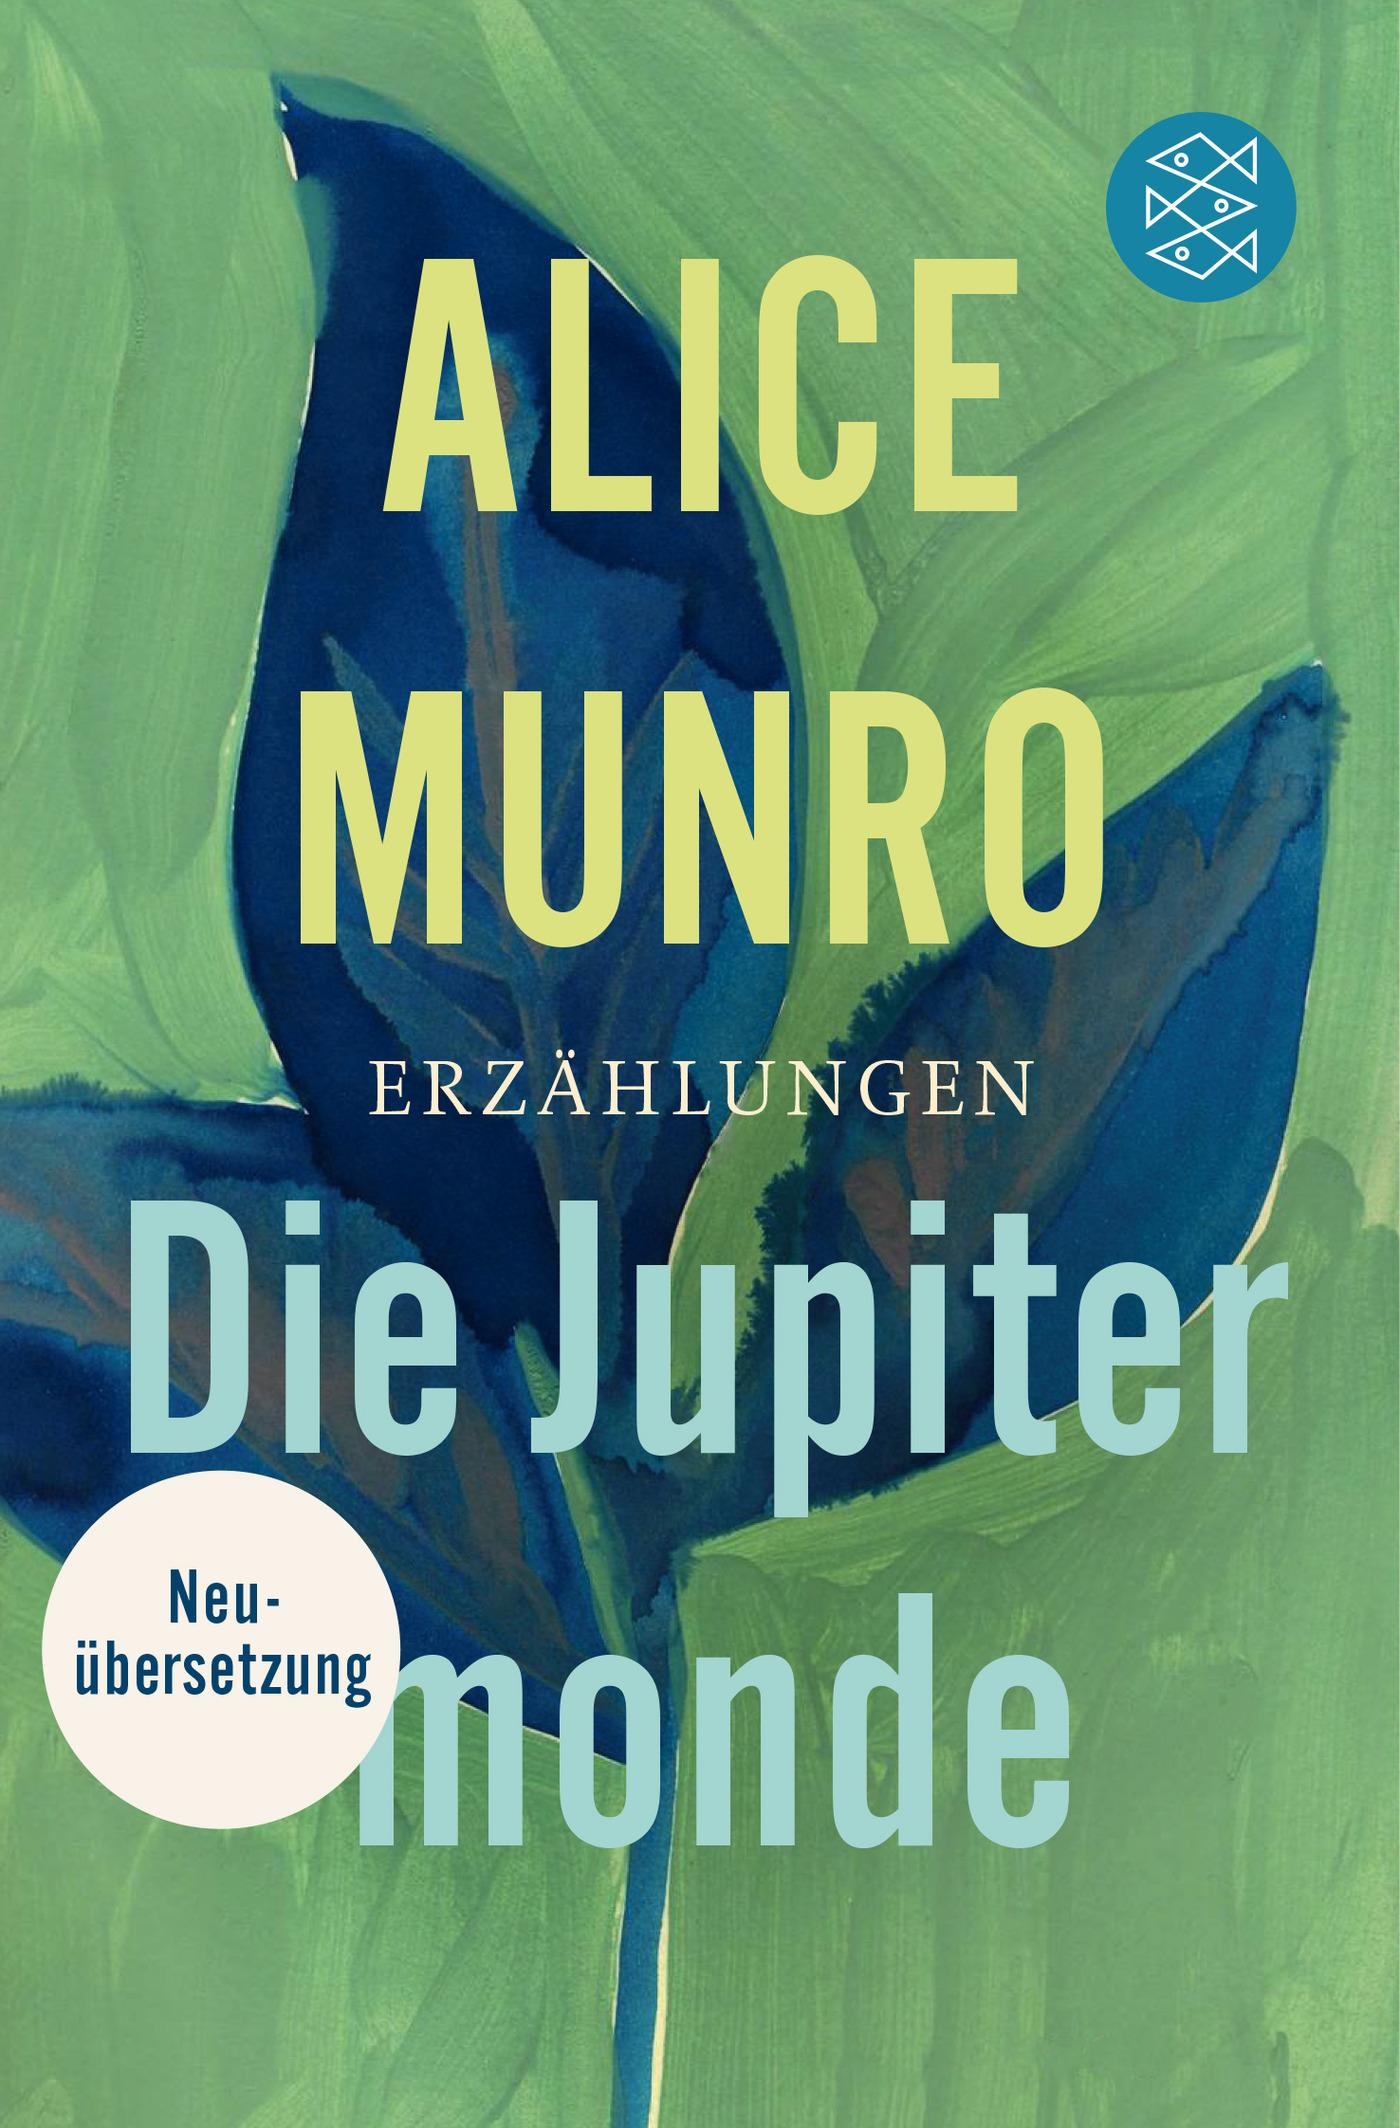 Die-Jupitermonde-Alice-Munro